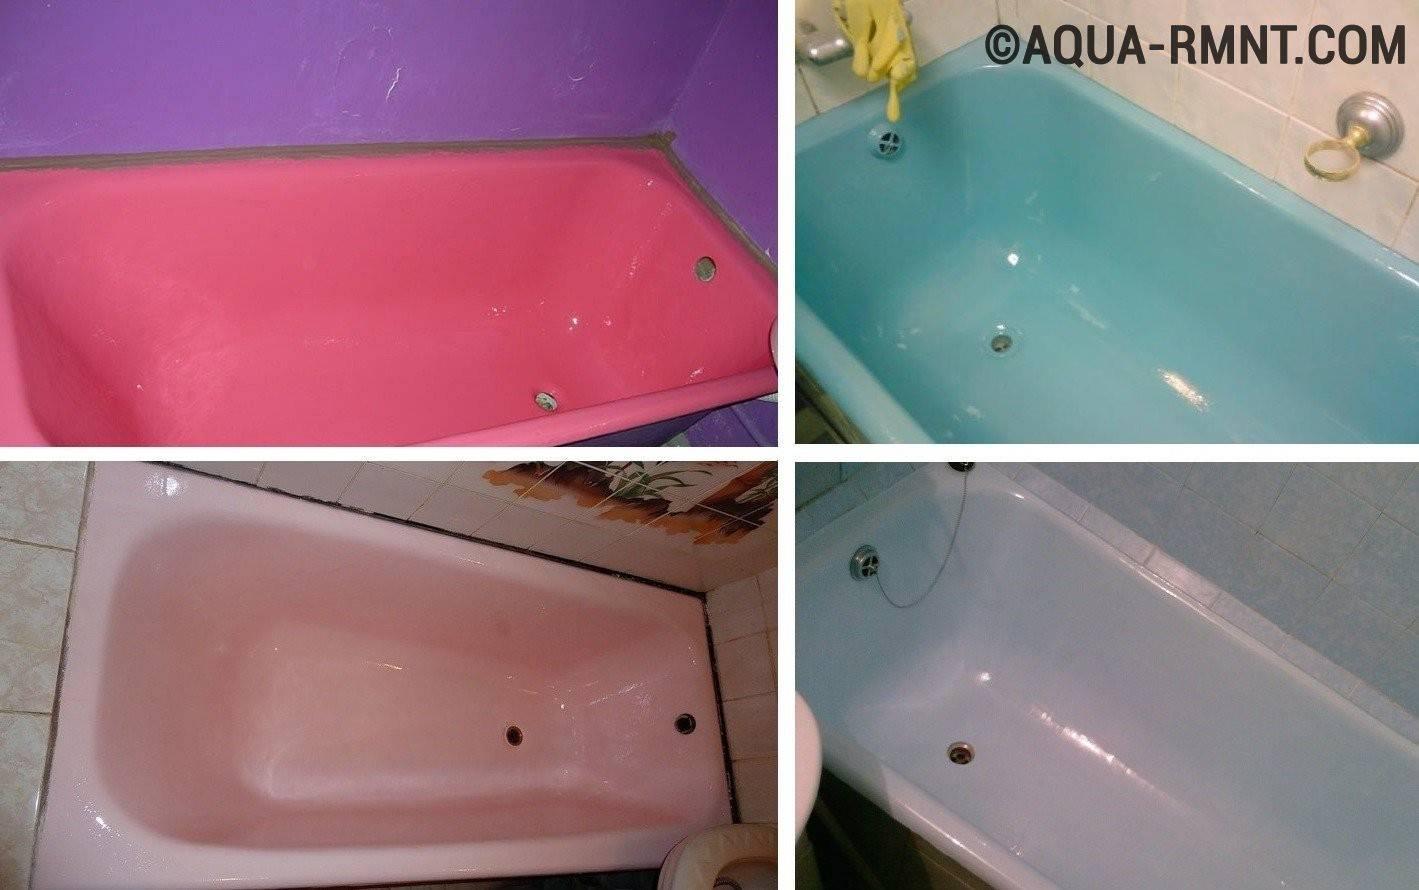 Способы реставрации ванны: эмалировка, вкладыш, жидкий акрил